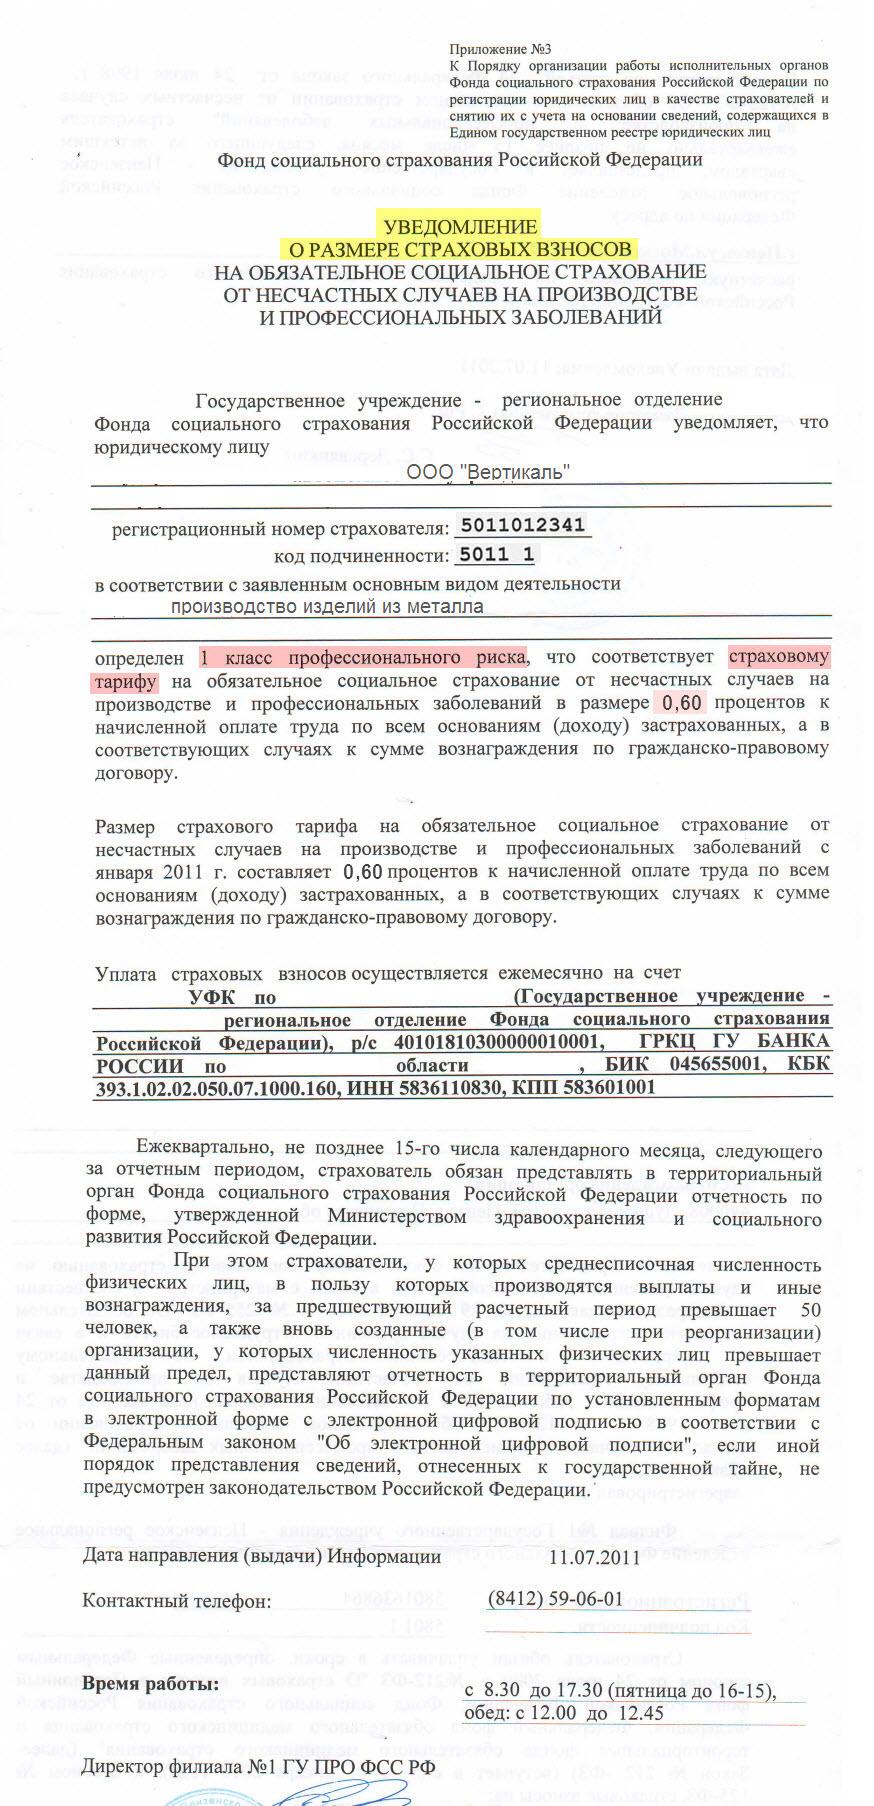 Гу Мро Фсс Рф Код Подчиненности